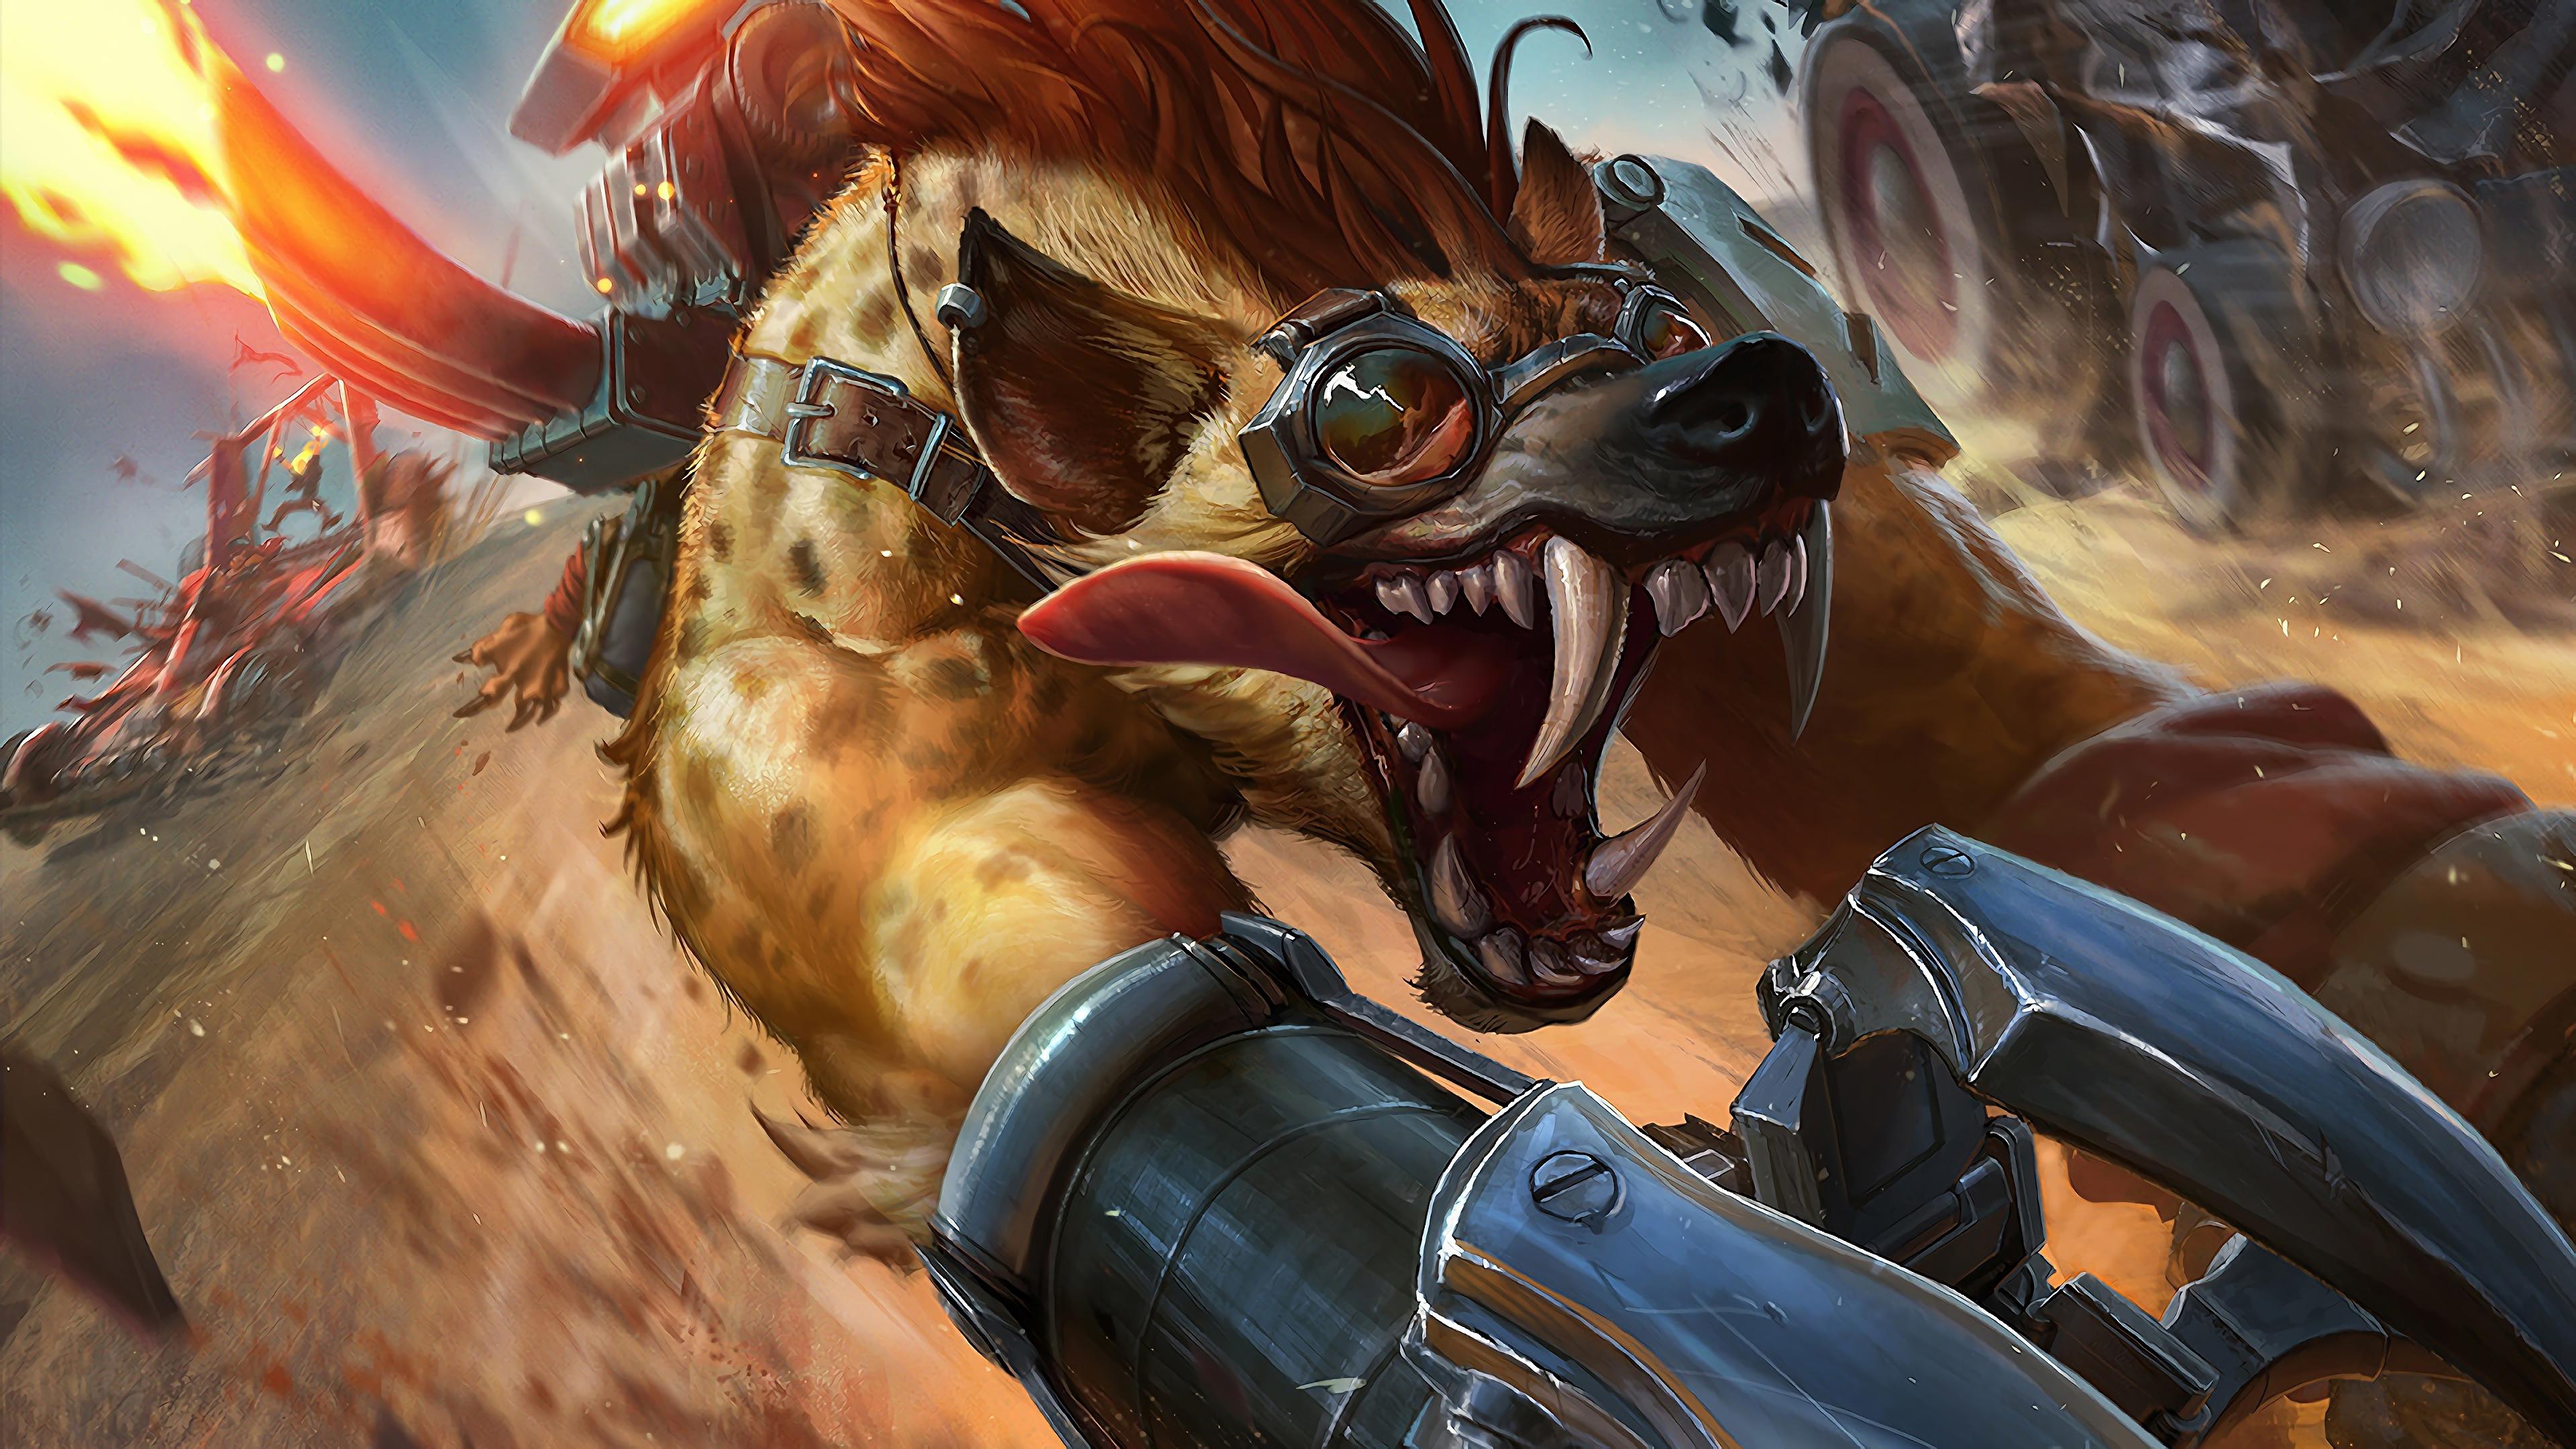 hyena warwick lol splash art league of legends lol 1574102707 - Hyena Warwick LoL Splash Art League of Legends lol - Warwick, league of legends